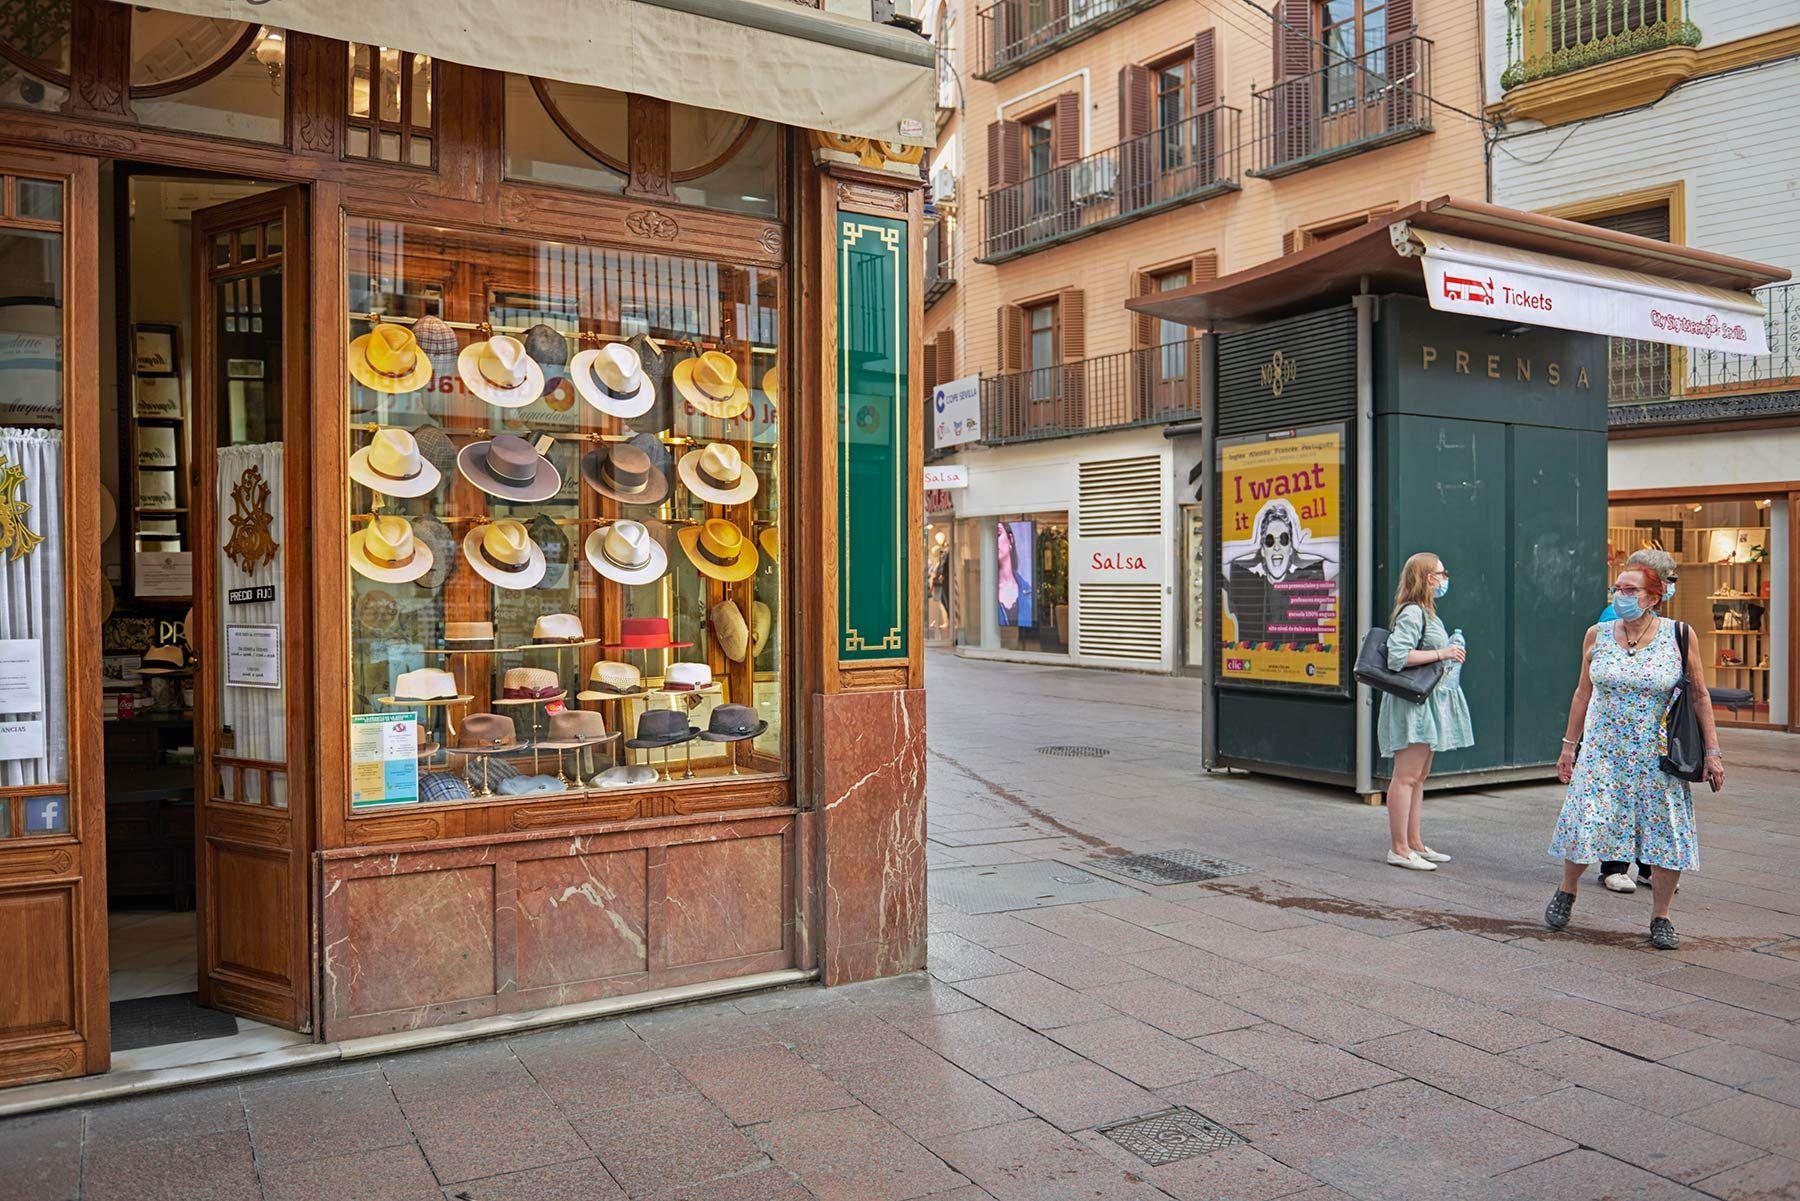 La tienda de sombreros de Sevilla